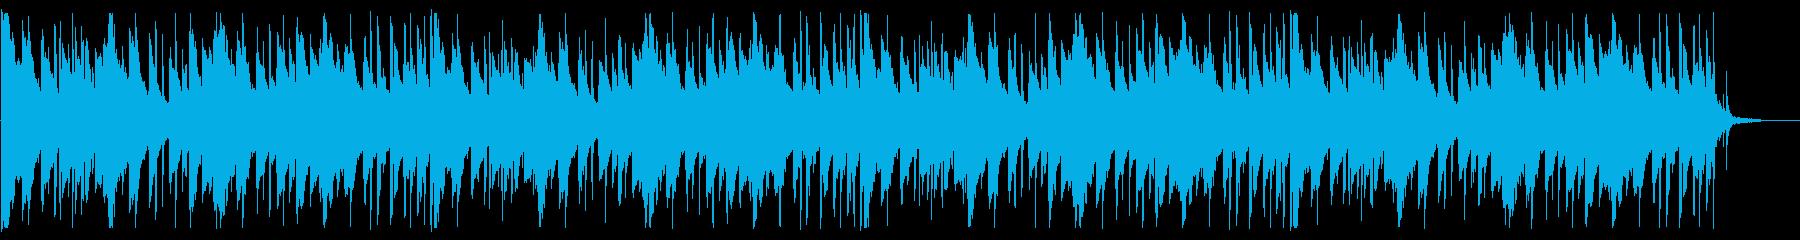 落ち着いたピコピコとしたBGM_5の再生済みの波形